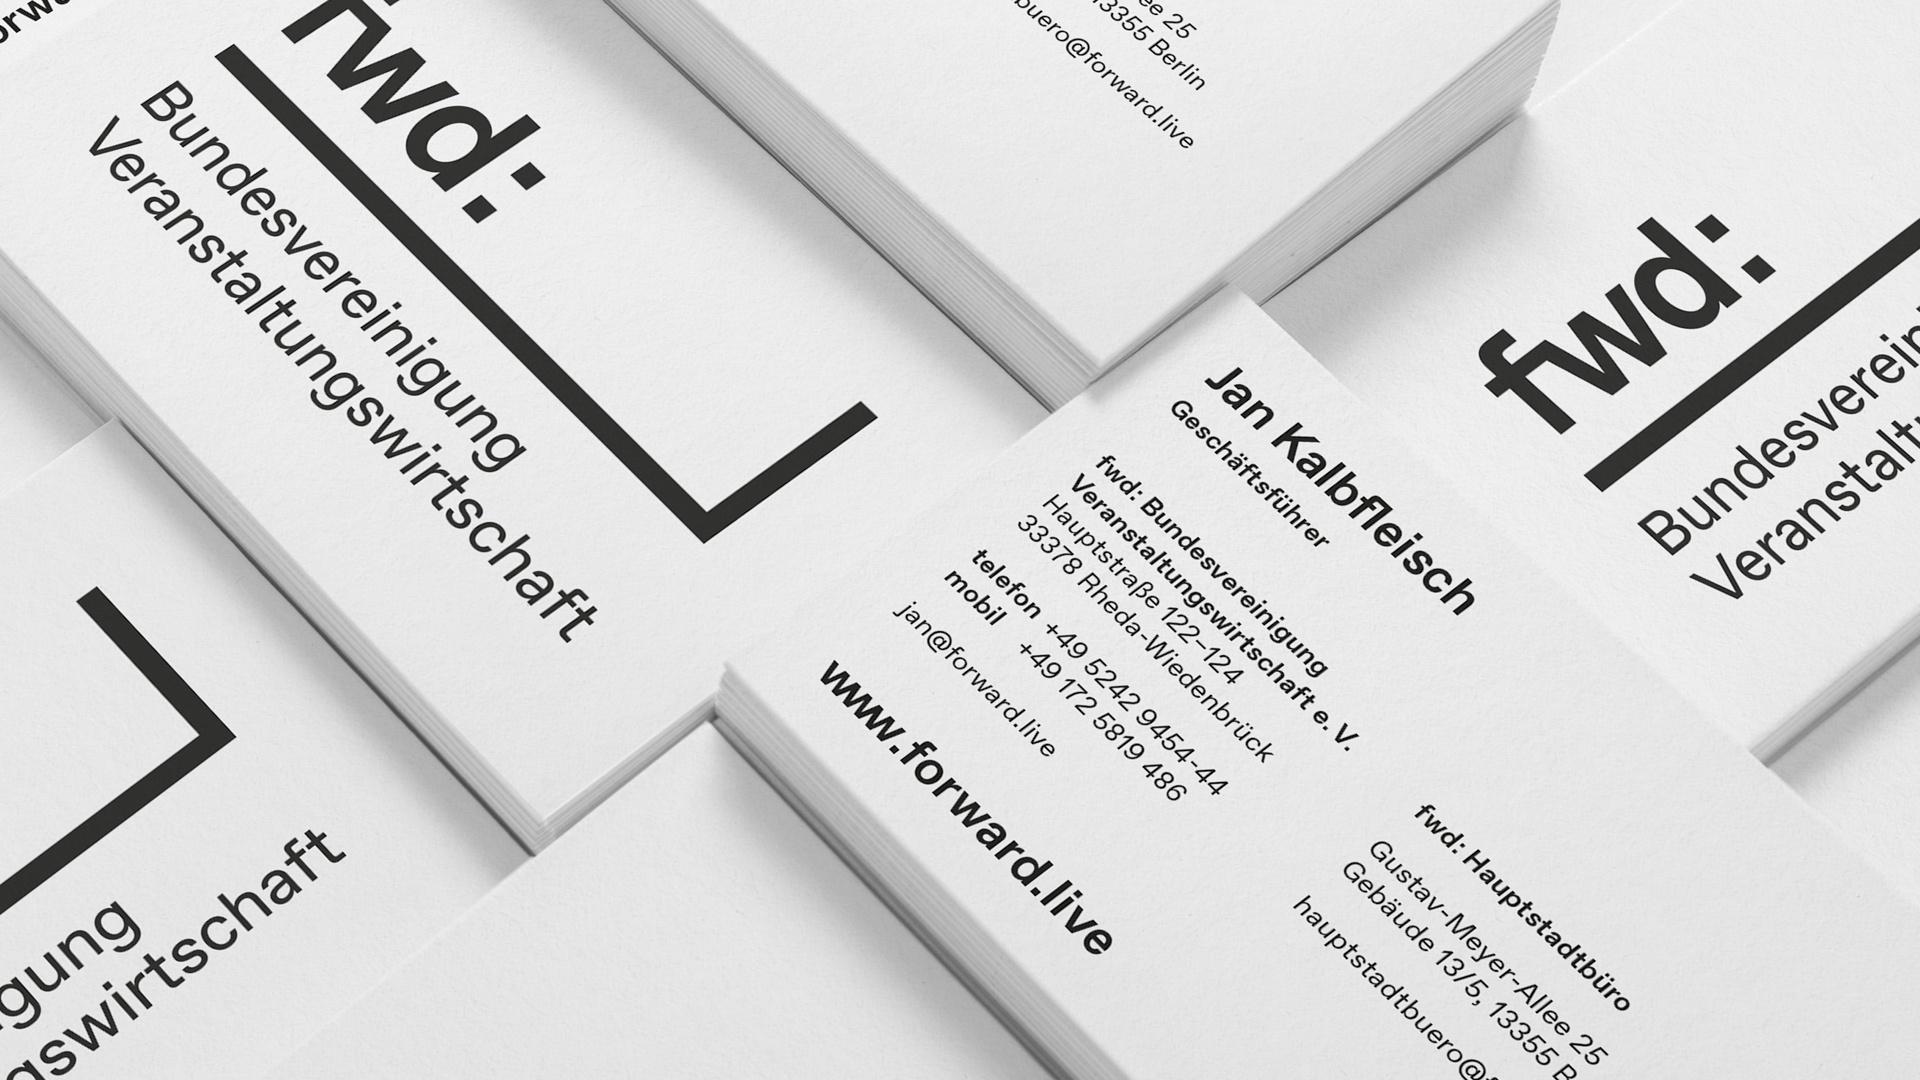 fwd: Bundesvereinigung Veranstaltungswirtschaft Visitenkarten